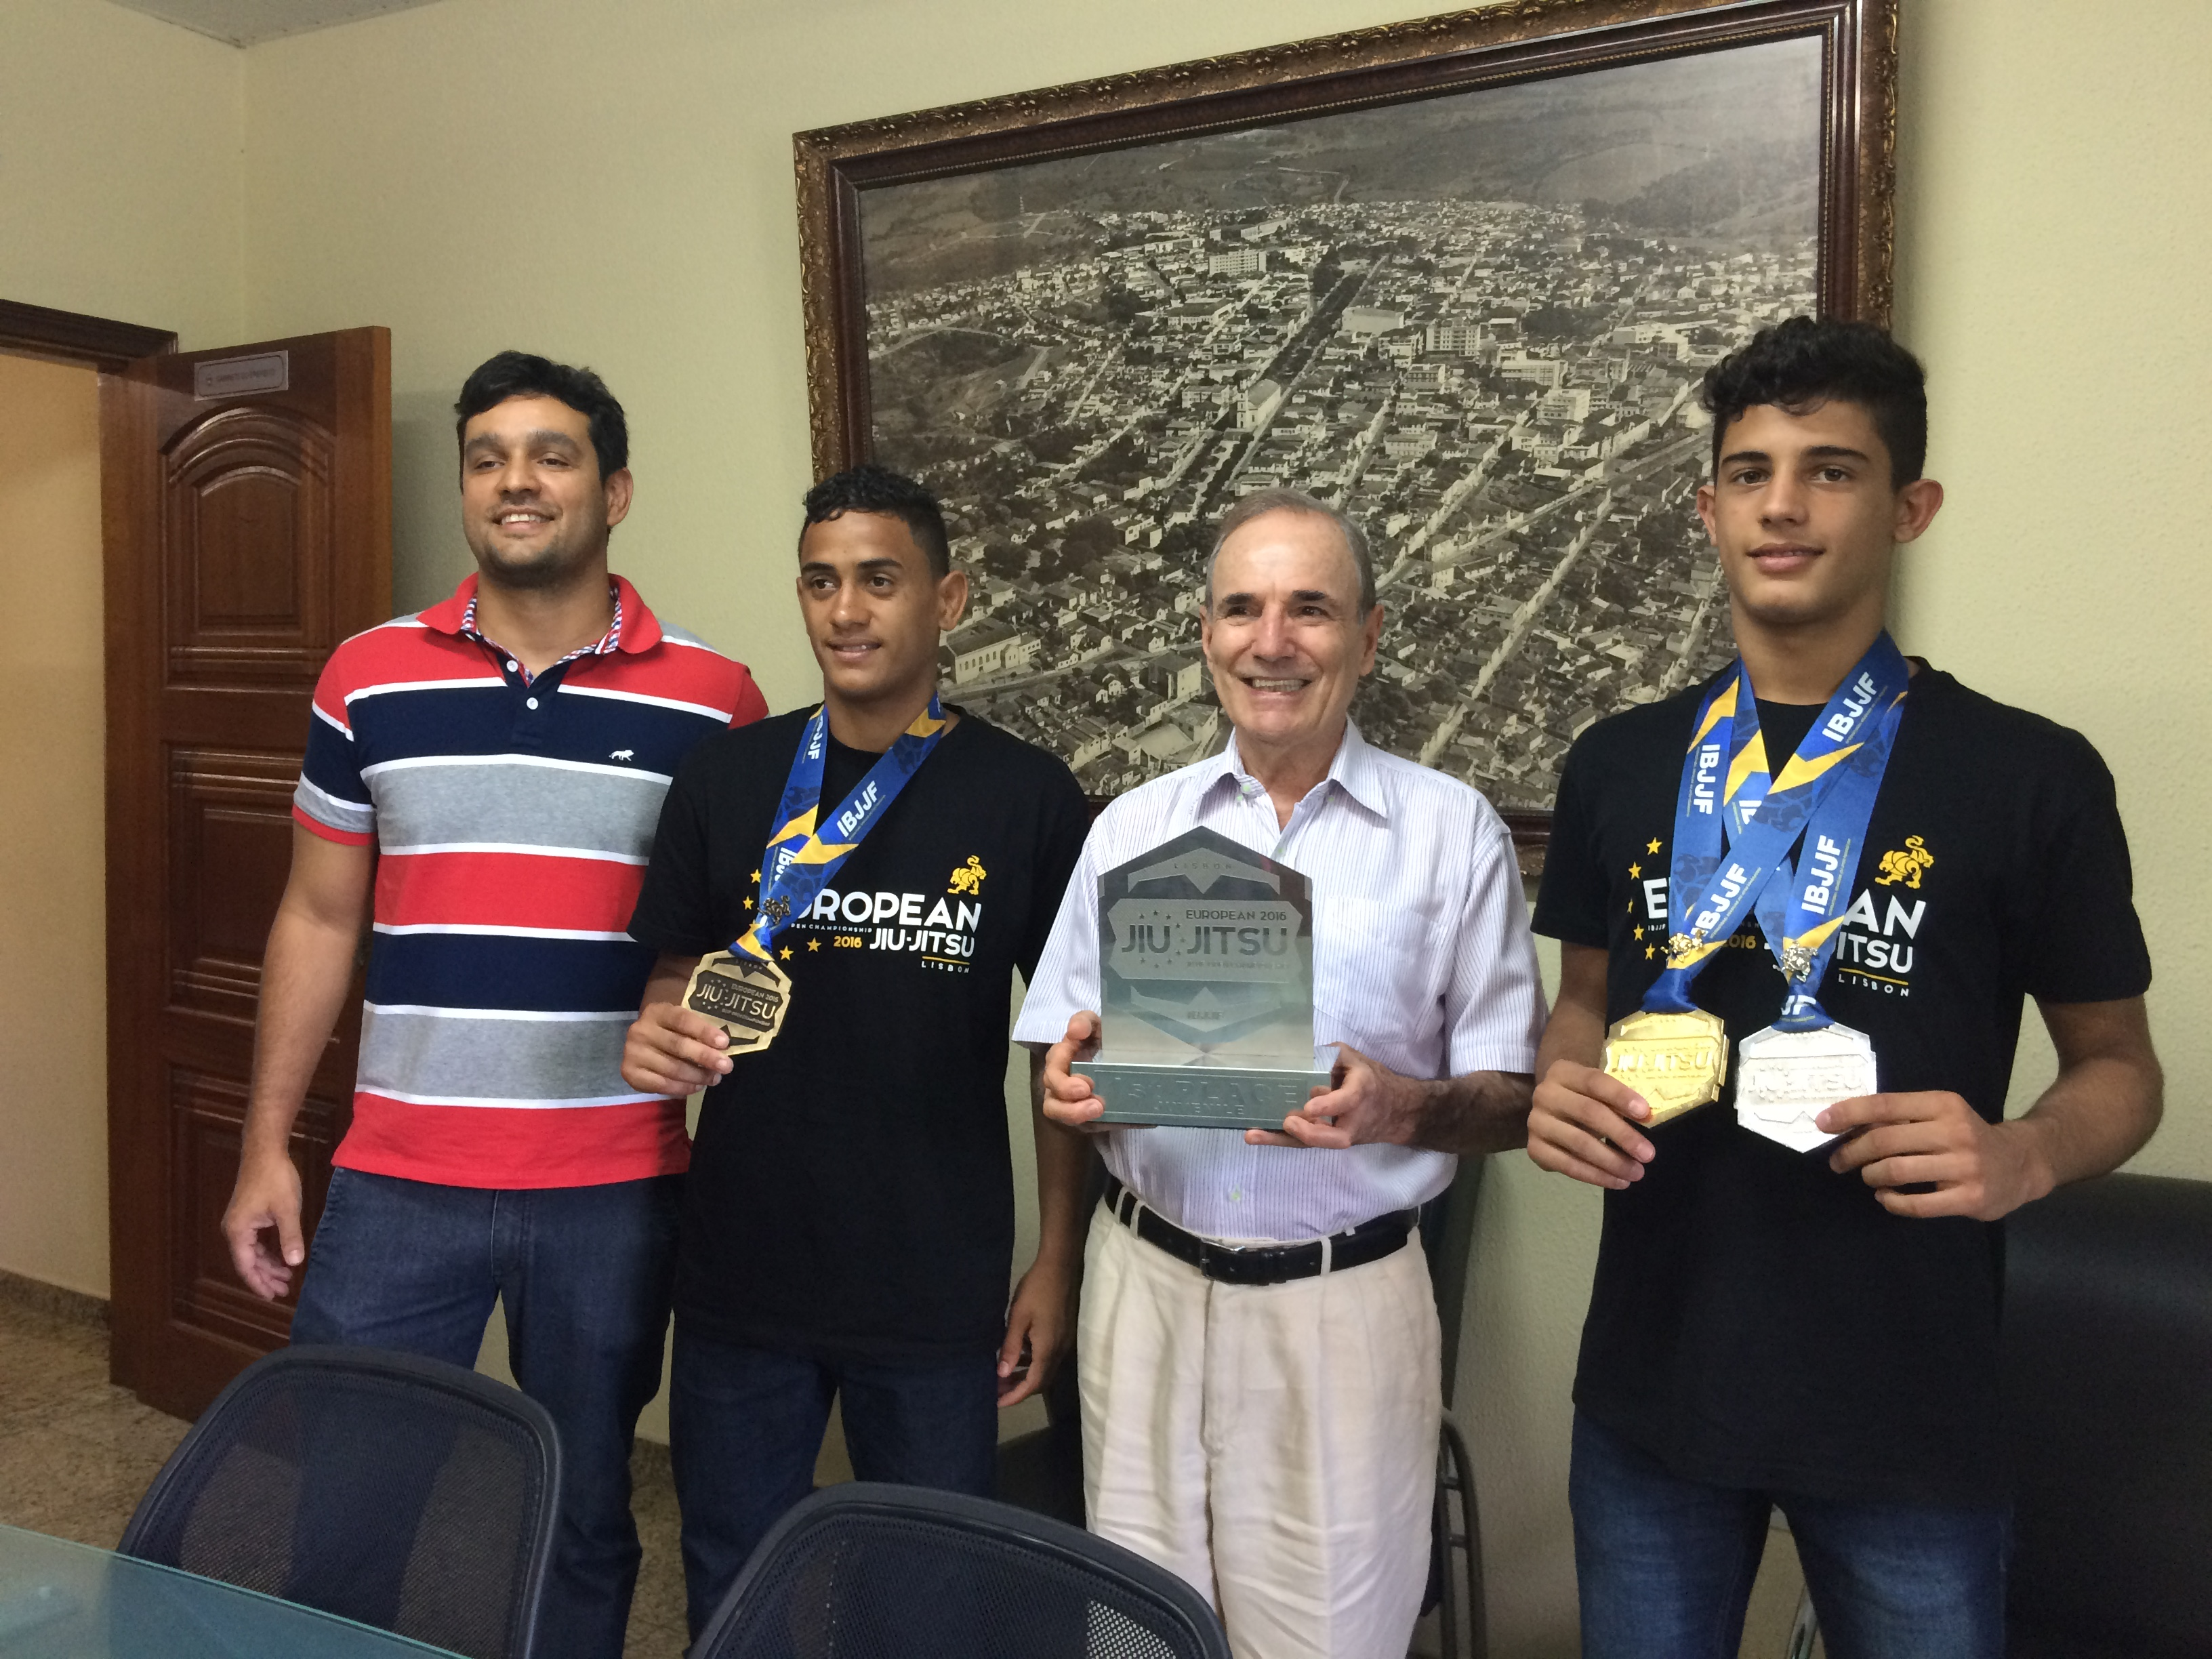 O Prefeito Antônio Silva recebeu na tarde de segunda-feira, 01, em seu gabinete, a visita dos atletas do Instituto Lutar, Júlio Arantes e Aniel Bonifácio, que conquistaram medalha de prata e bronze no Campeonato Europeu de Jiu Jitsu, disputado em Lisboa, Portugal, de 20 a 24 de janeiro.